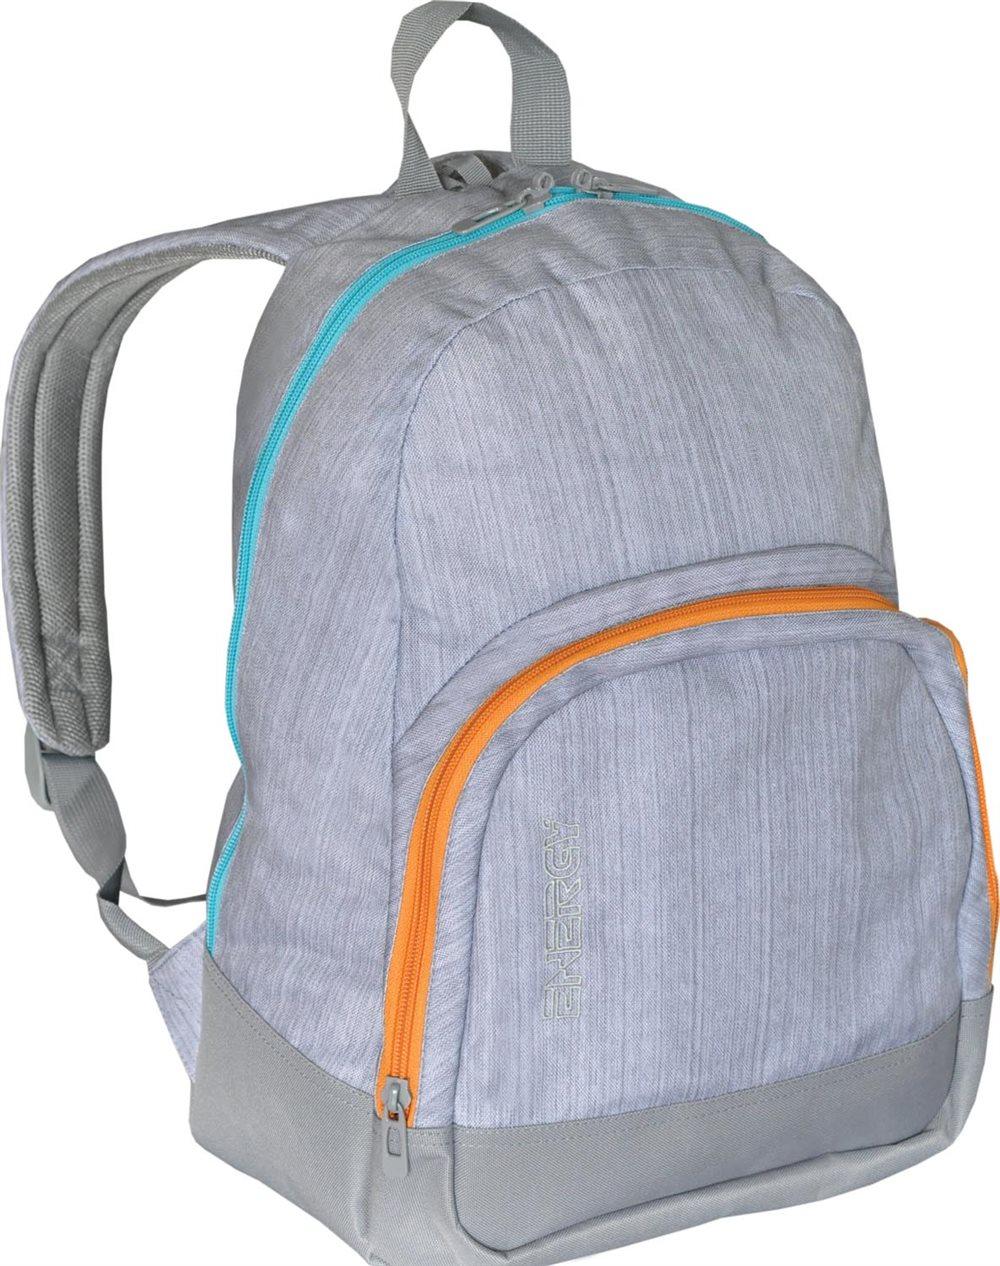 Рюкзак Nova Tour Энерджи 22Стильный городской рюкзак.<br><br>Вес кг: 0.60000000